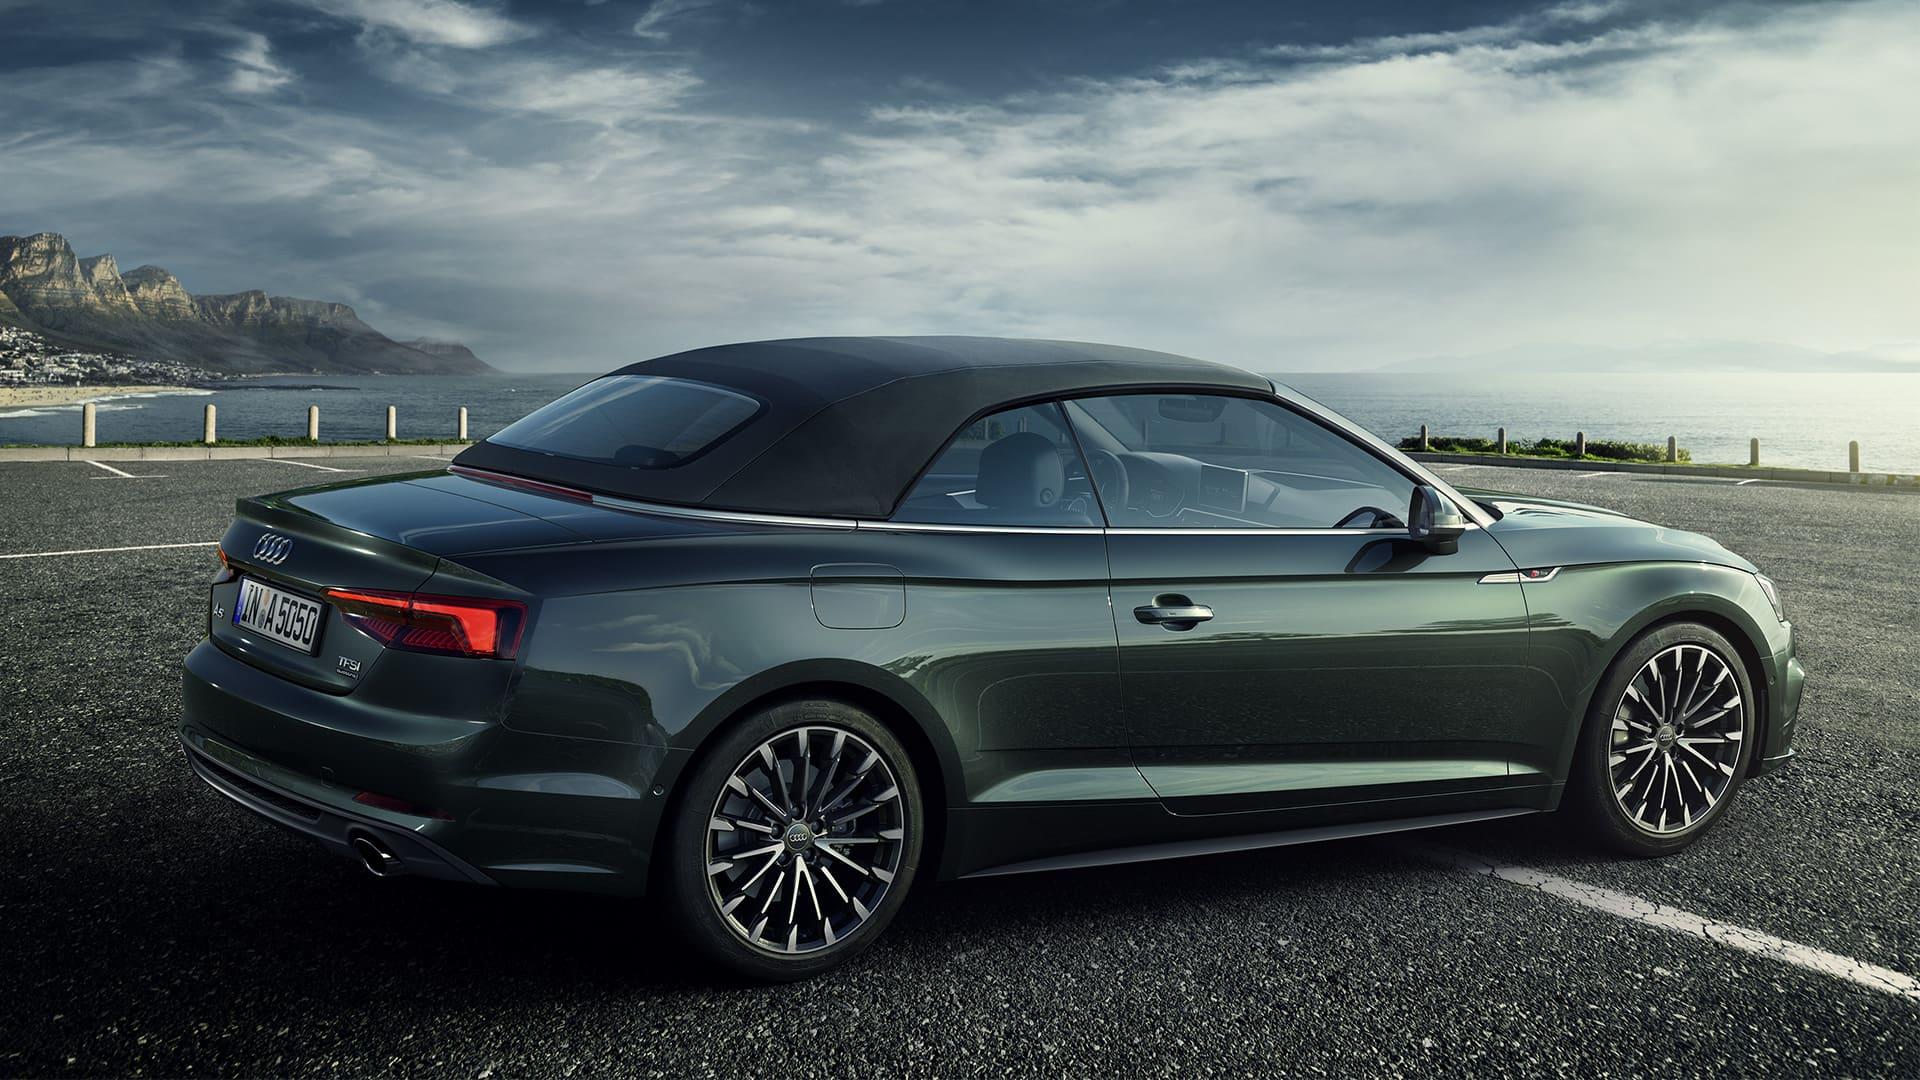 Audi A5 Cabriolet Audi Nederland Gt A5 Gt Home Gt Audi